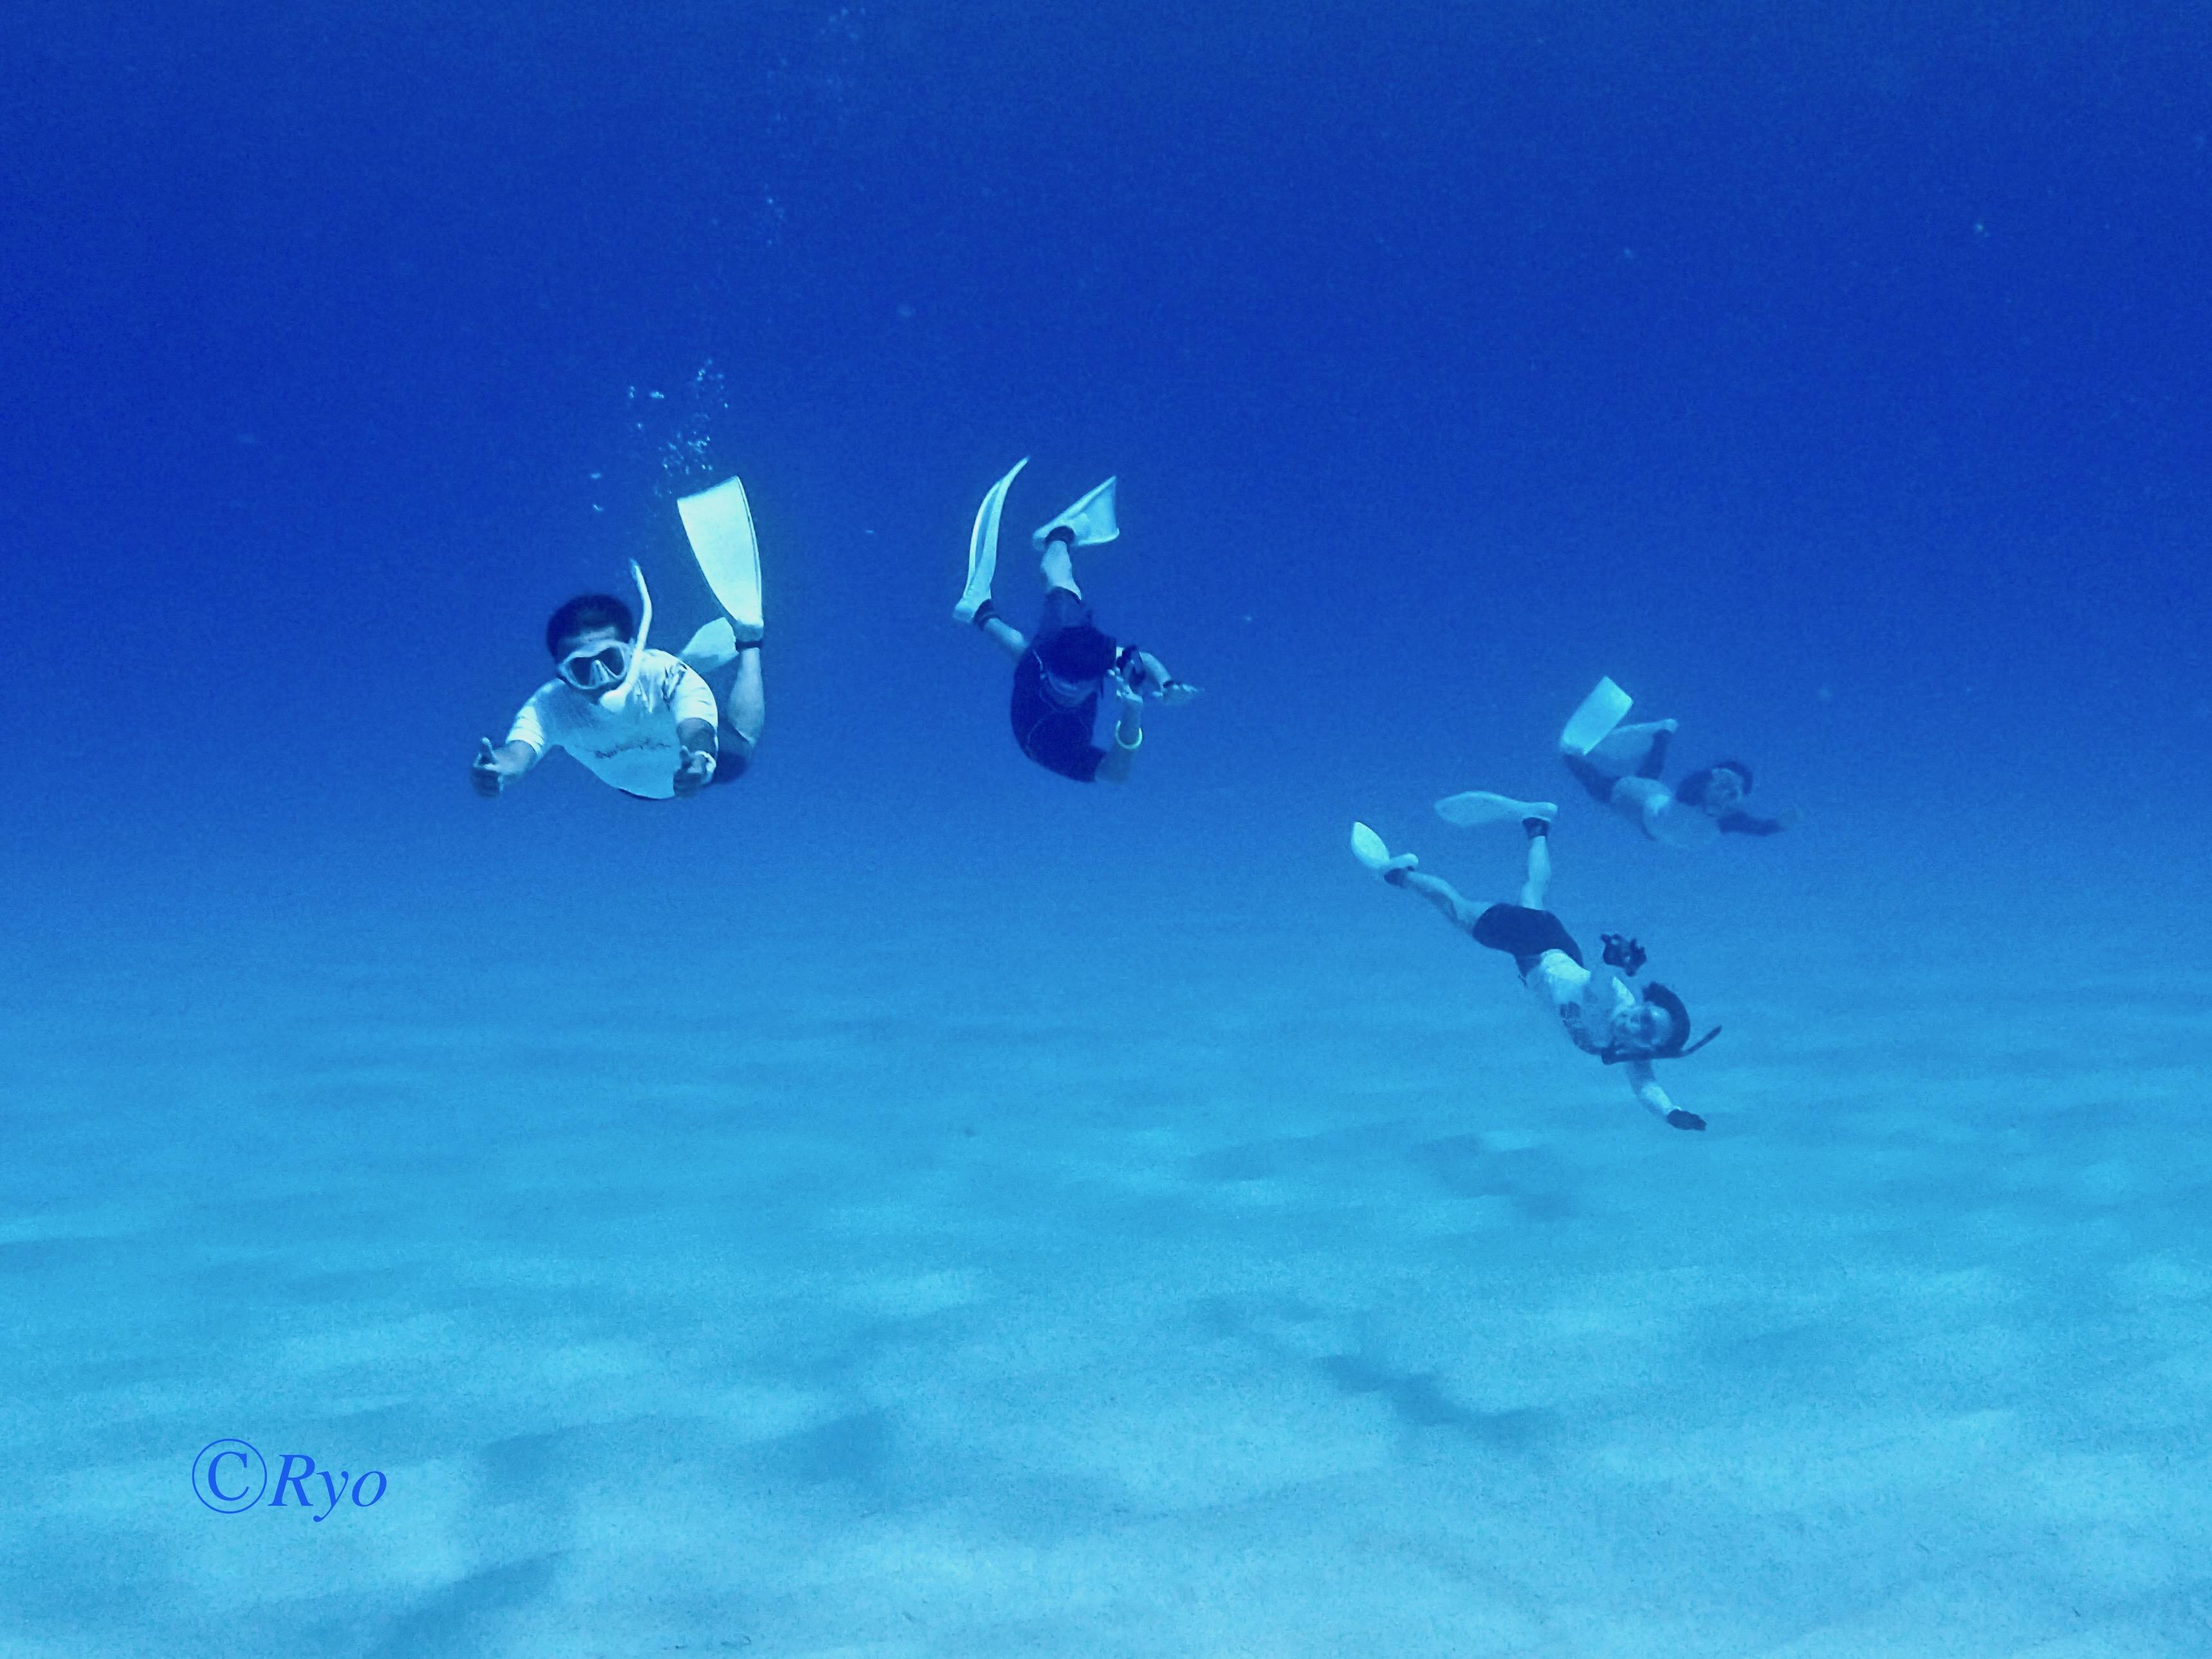 マリアナブルーの海に跳ぶ